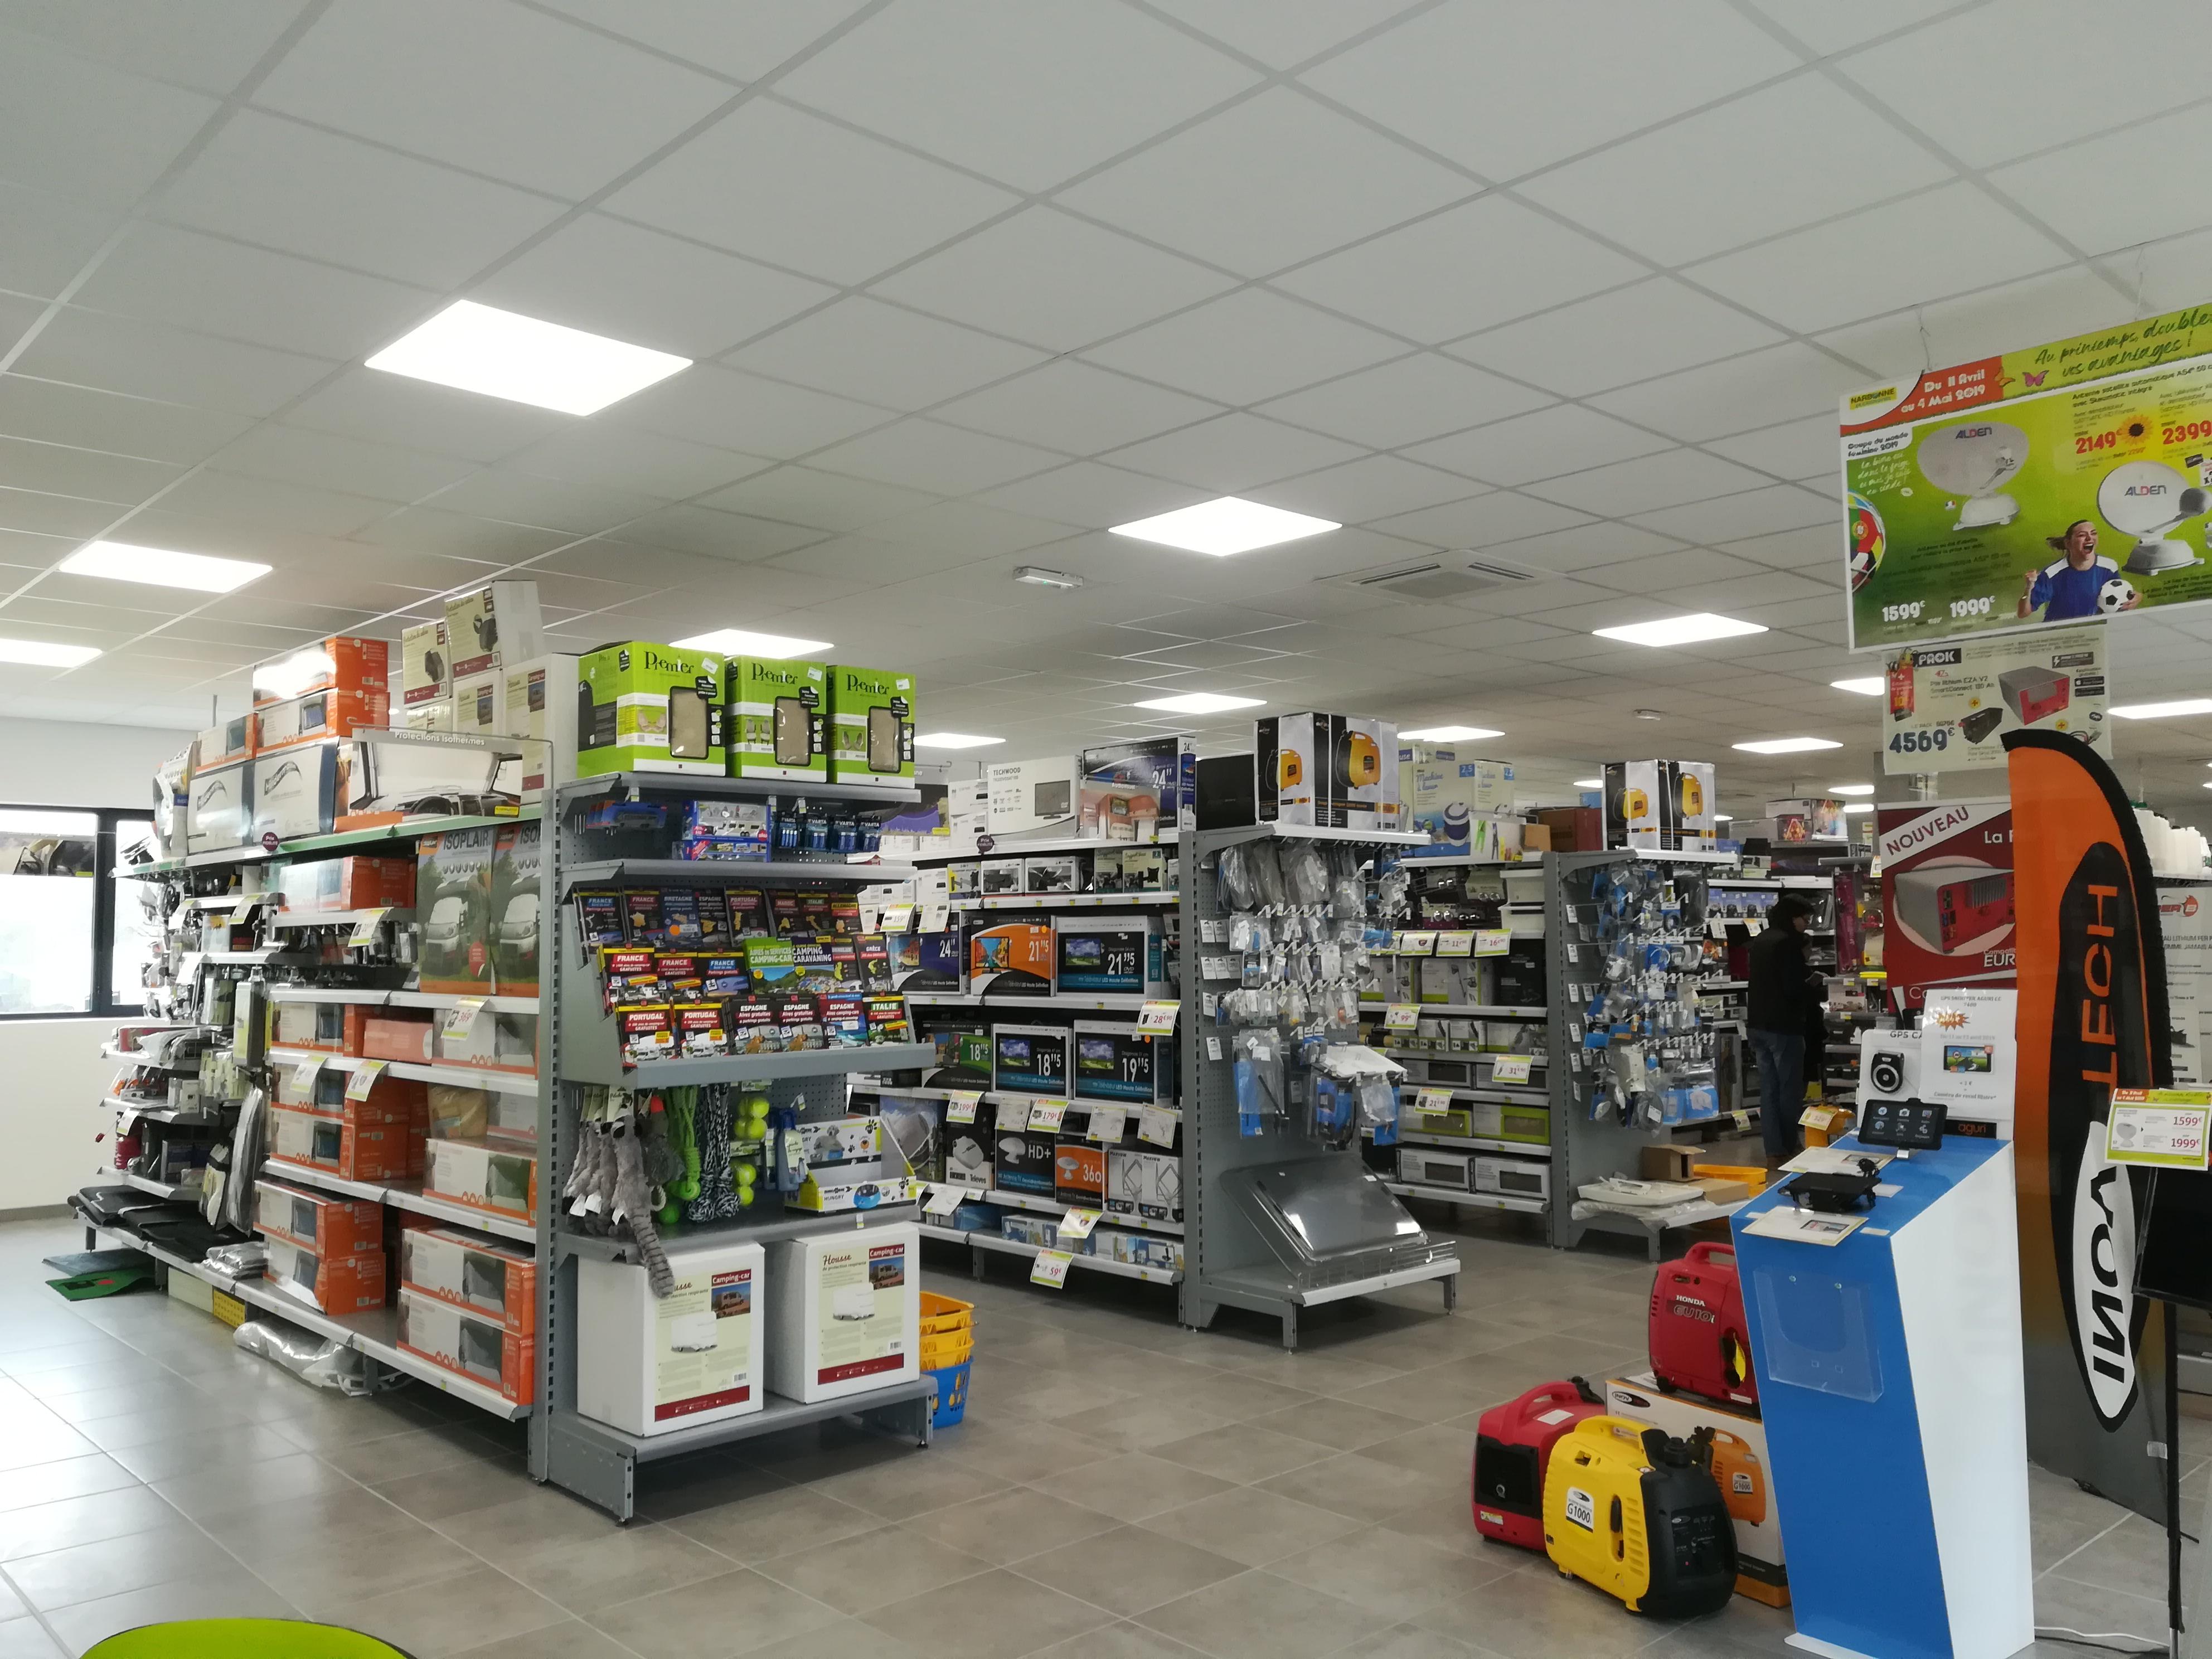 Le nouveau magasin de Caravaning Limousin ouvre ses portes